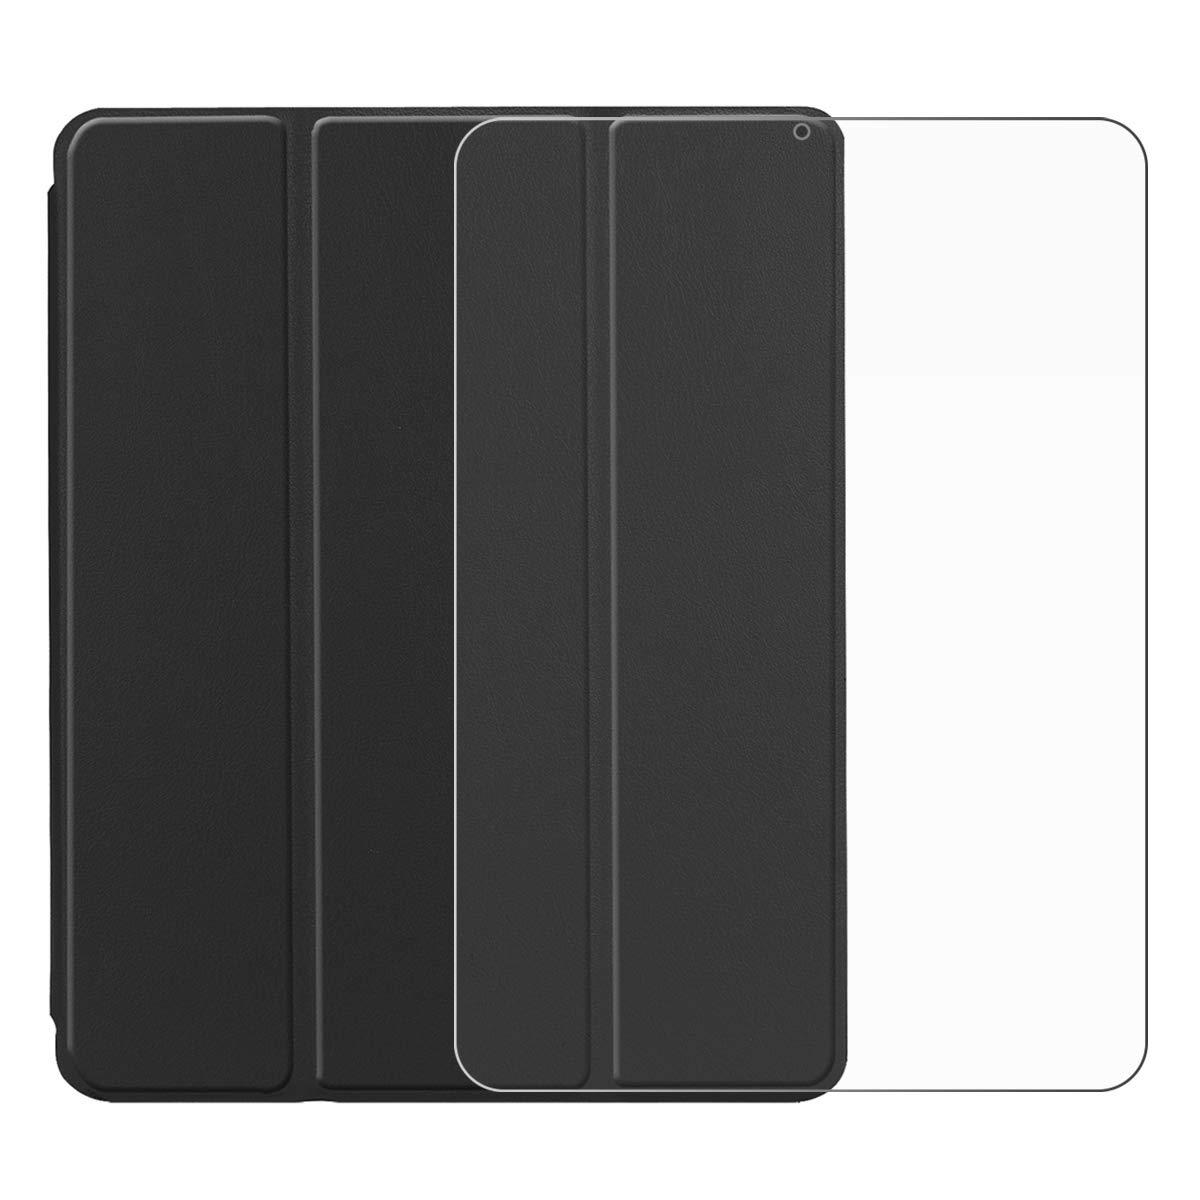 【楽ギフ_包装】 Torubia iPad Pro iPad 12.9インチ プレミアム 2018 PUレザー Pro ウォレットケース プレミアム iPad Pro 12.9インチ 2018 PUフリップカバー プレミアム バックケースケース(ブラック) B07KFVC65P, セクトインターナショナル:75e20a7f --- senas.4x4.lt